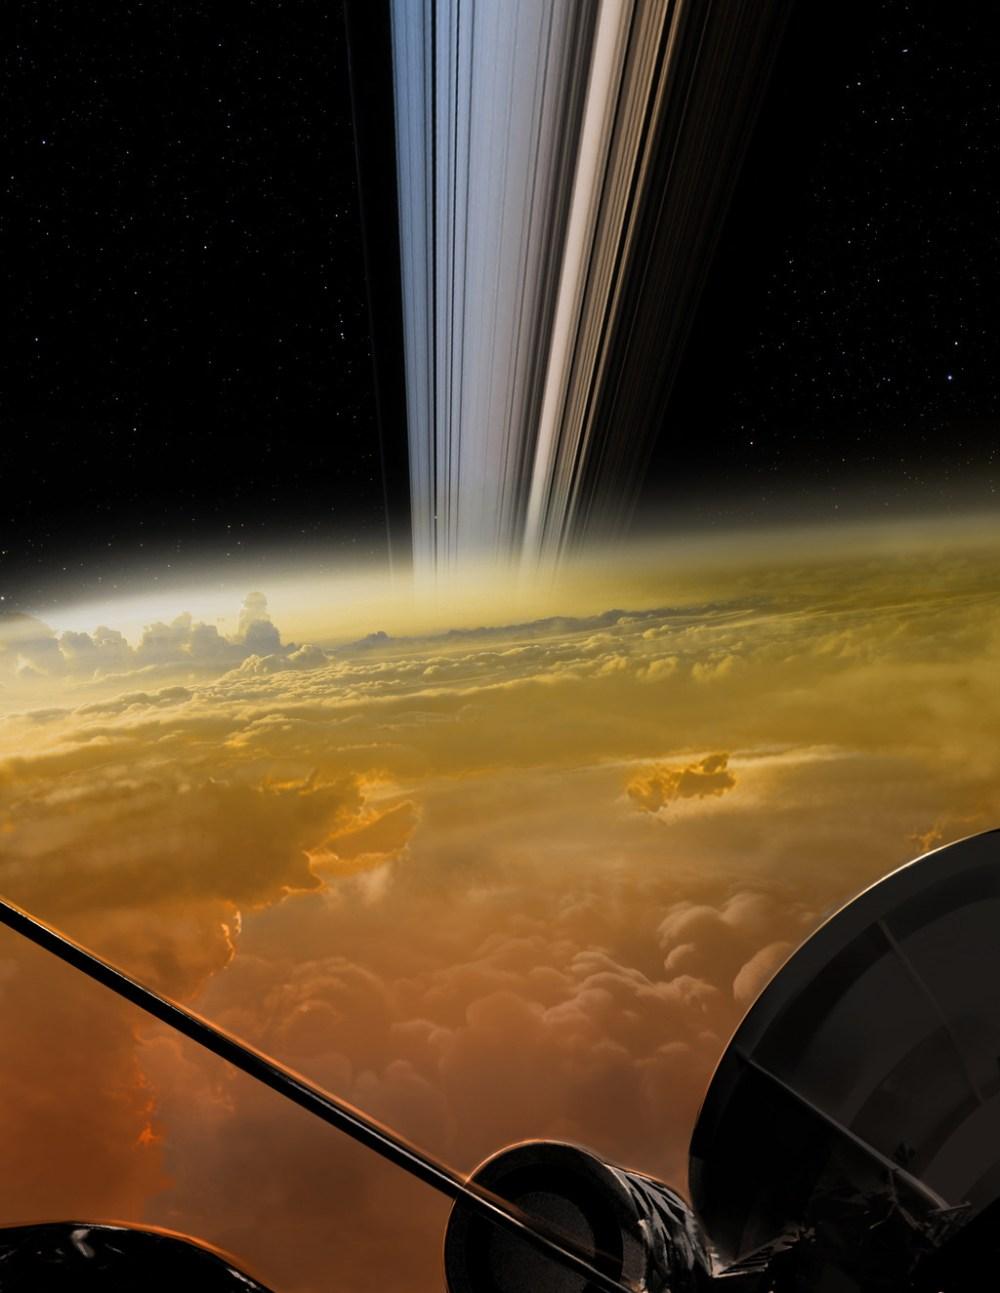 Cassini Final